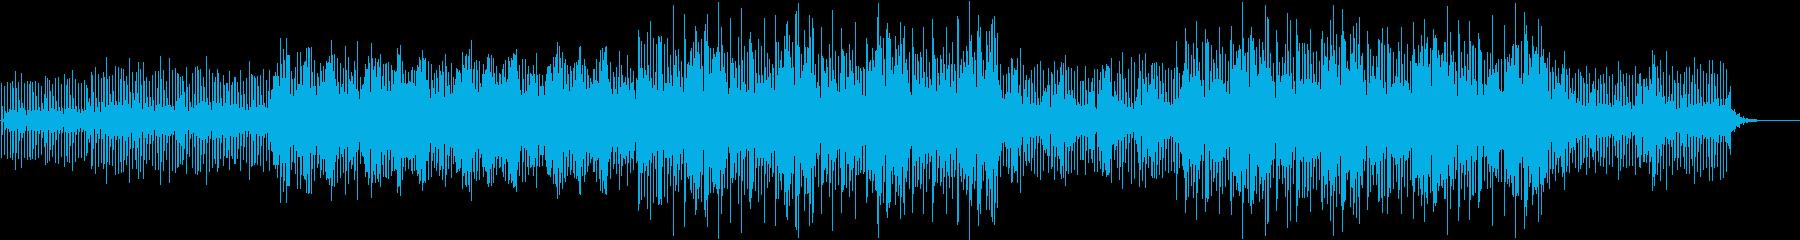 近未来的でポップな瑞々しい曲の再生済みの波形